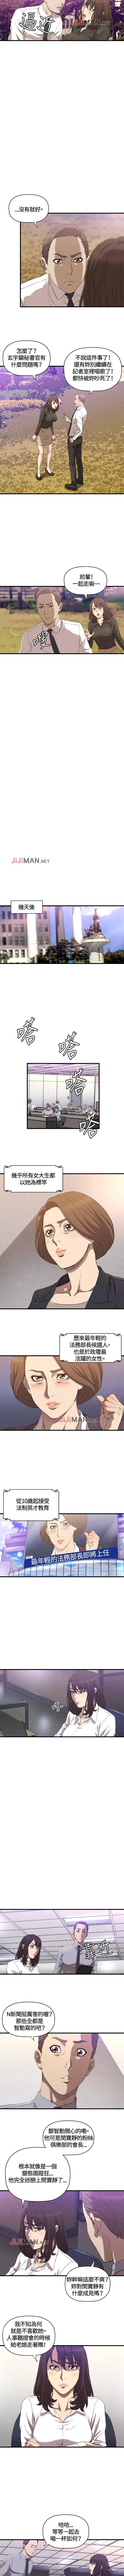 【已完结】索多玛俱乐部(作者:何藝媛&庫奈尼) 第1~32话 62